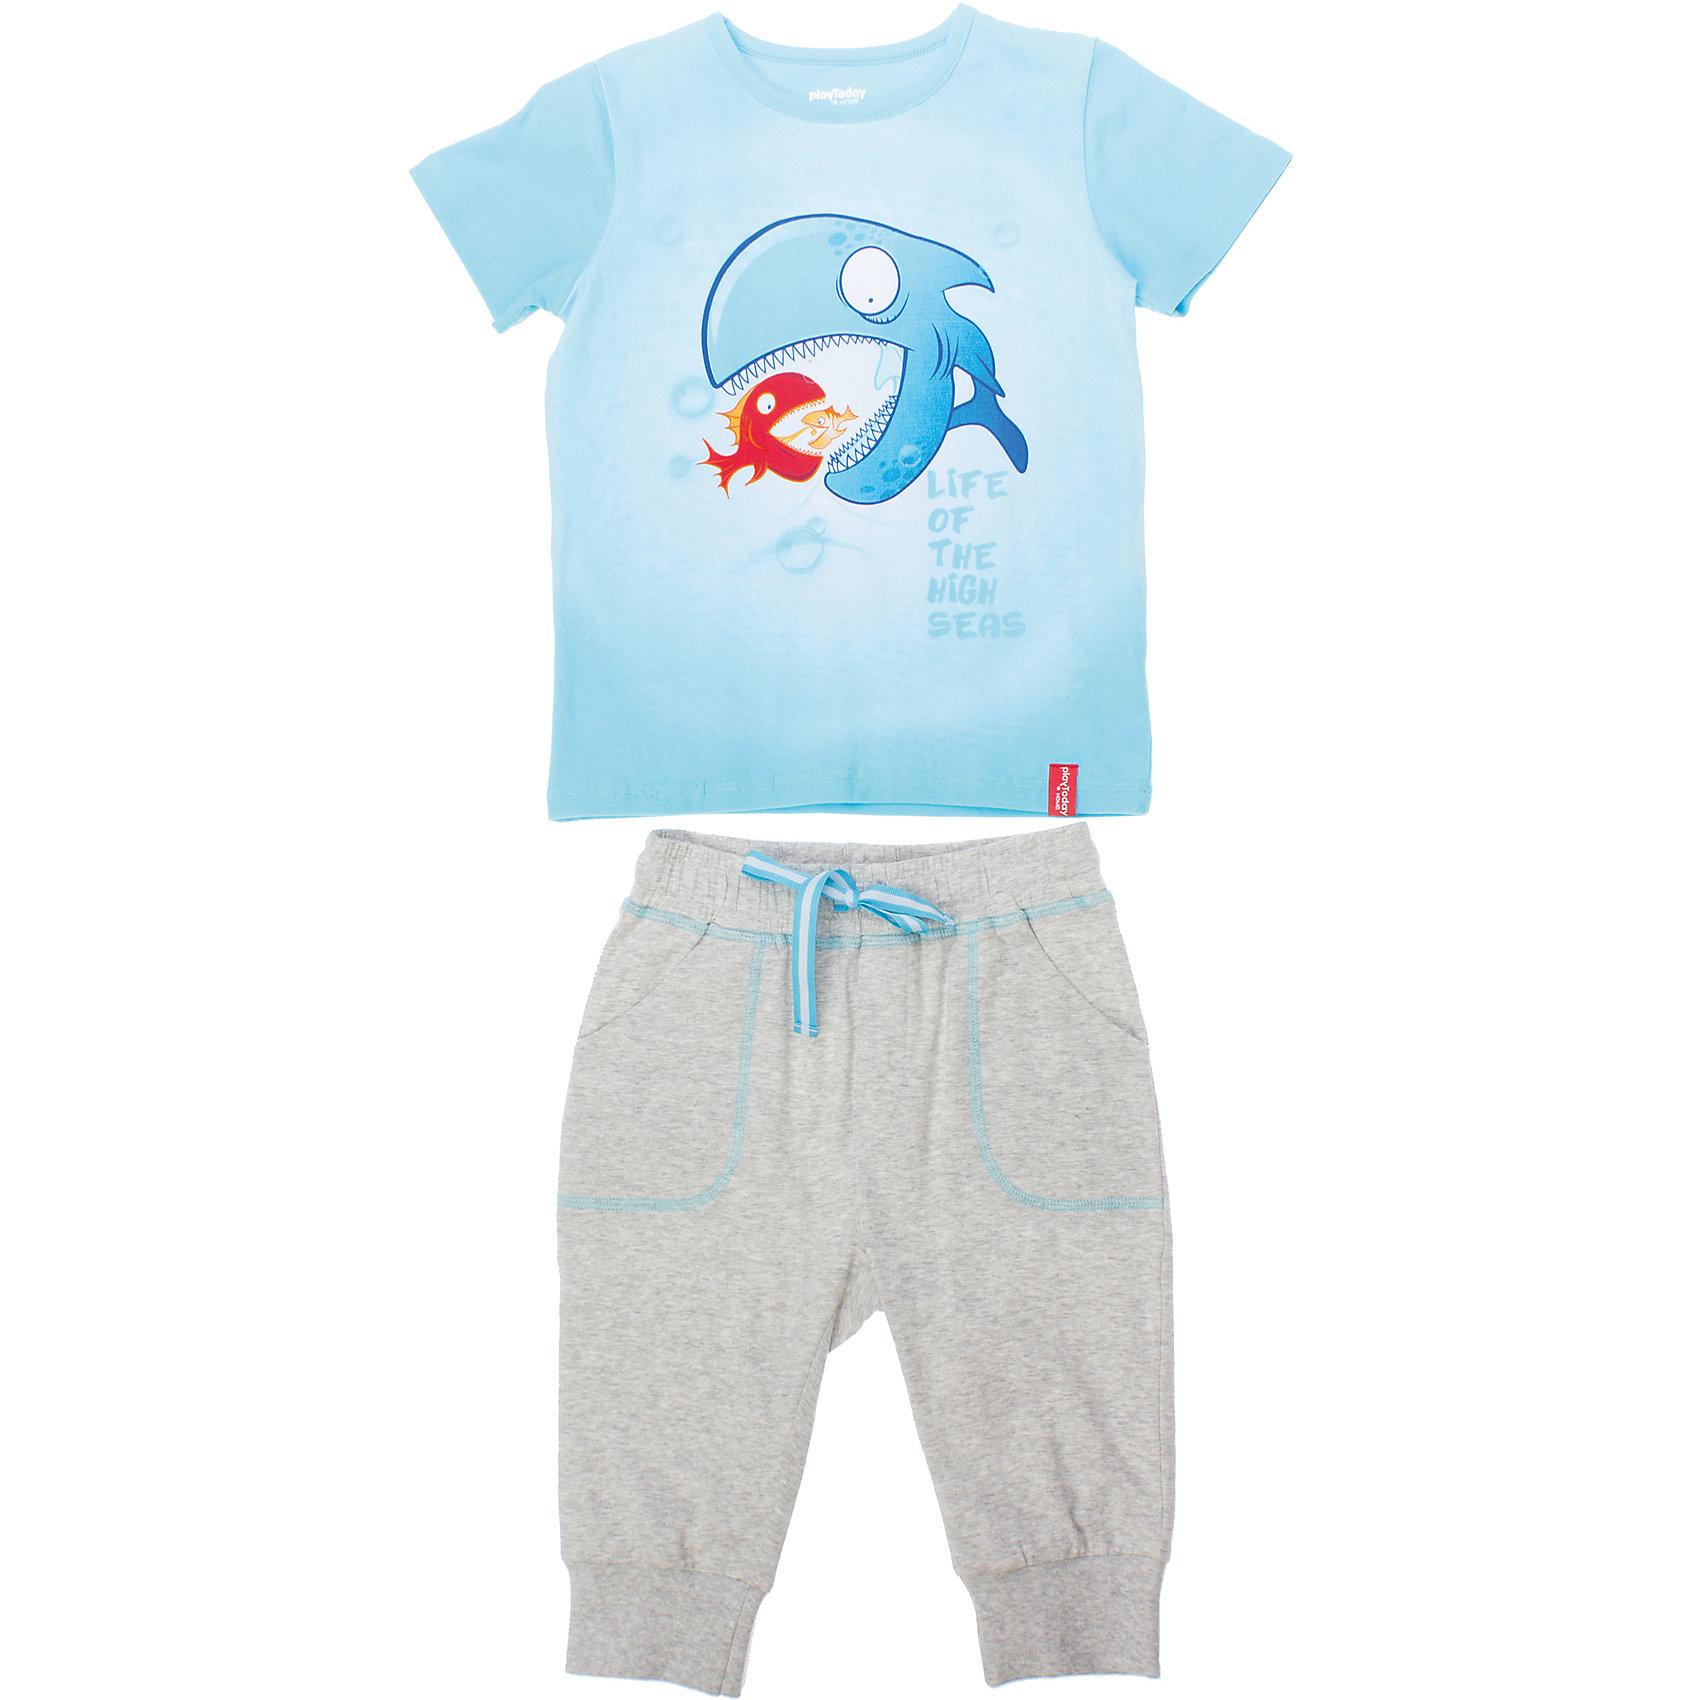 Комплект: футболка и бриджи для мальчика PlayTodayКомплект: футболка и бриджи для мальчика PlayToday <br><br>Состав: 95% хлопок, 5% эластан <br><br>Комплект из хлопковой майки и бридж. <br>Яркая голубая футболка с забавным принтом. <br>Легкие хлопковые бриджи с глубокими карманами.<br><br>Ширина мм: 199<br>Глубина мм: 10<br>Высота мм: 161<br>Вес г: 151<br>Цвет: синий<br>Возраст от месяцев: 48<br>Возраст до месяцев: 60<br>Пол: Мужской<br>Возраст: Детский<br>Размер: 104,110,128,122,116,98<br>SKU: 4502637